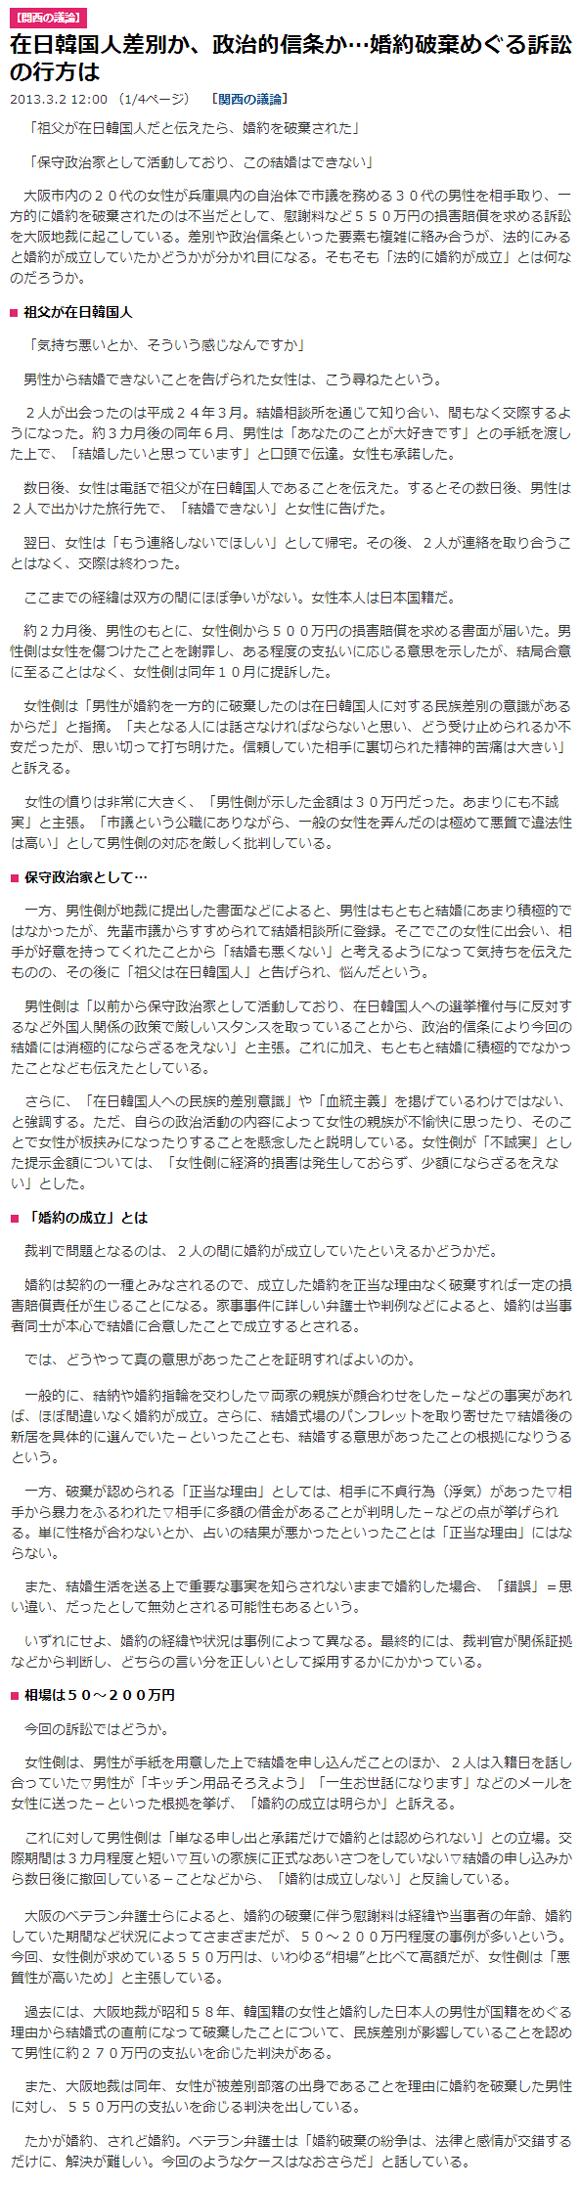 在日韓国人差別か、政治的信条か 婚約破棄めぐる訴訟の行方は